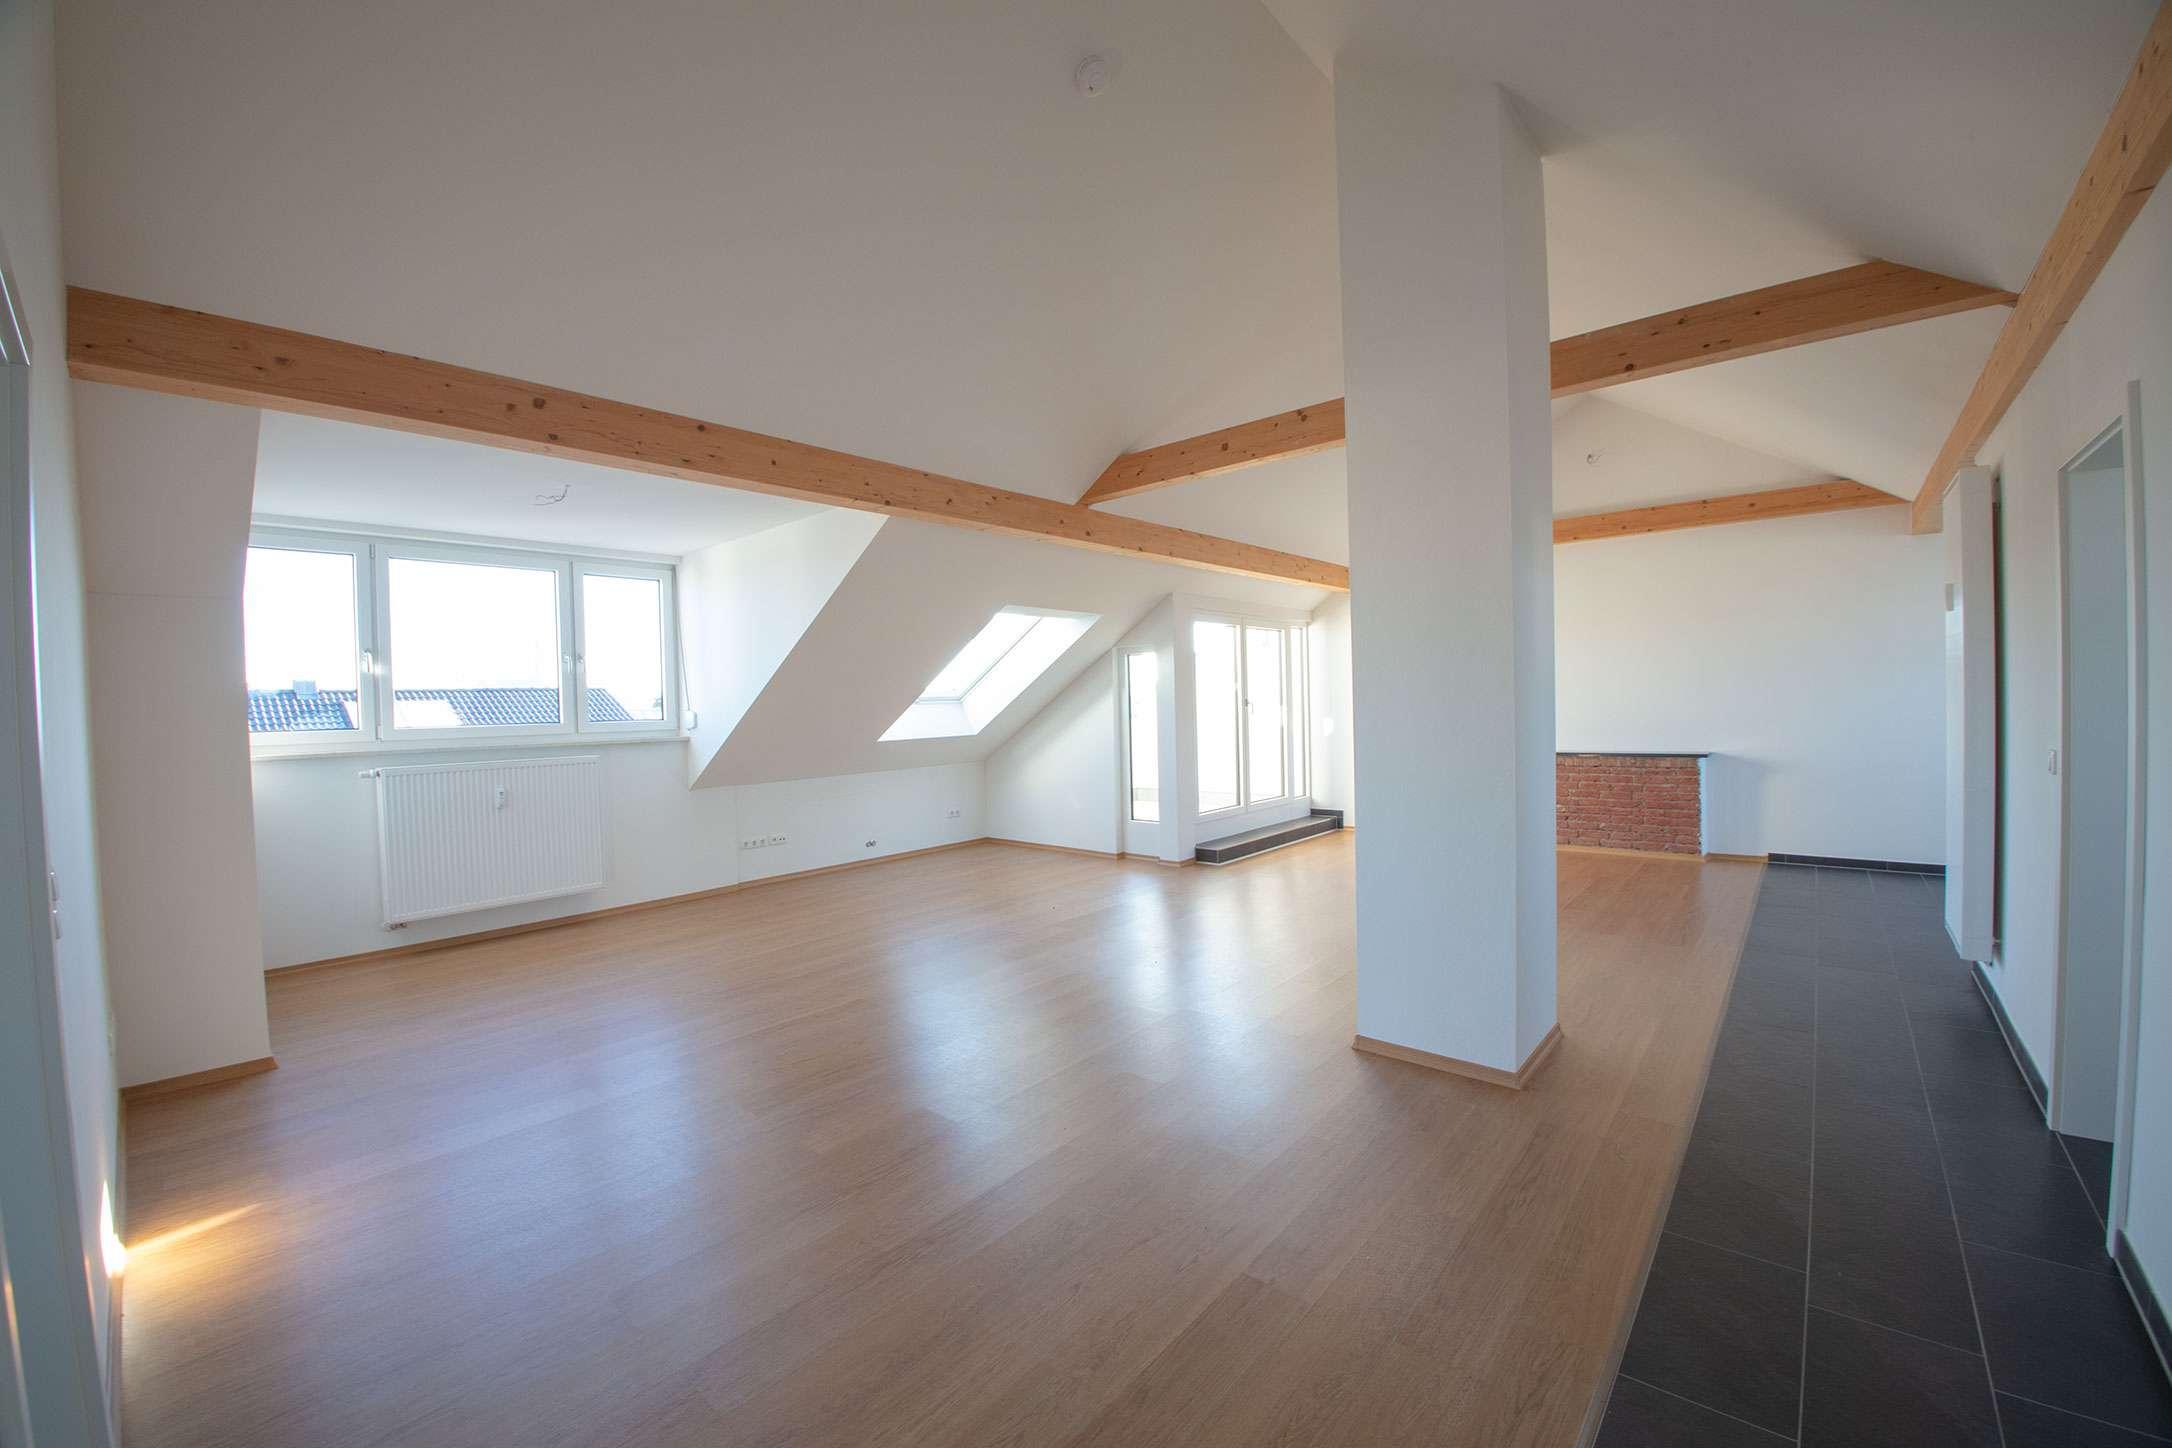 Hochmoderne 2,5-Zi. Studio-Wohnung in Kagers (Straubing)